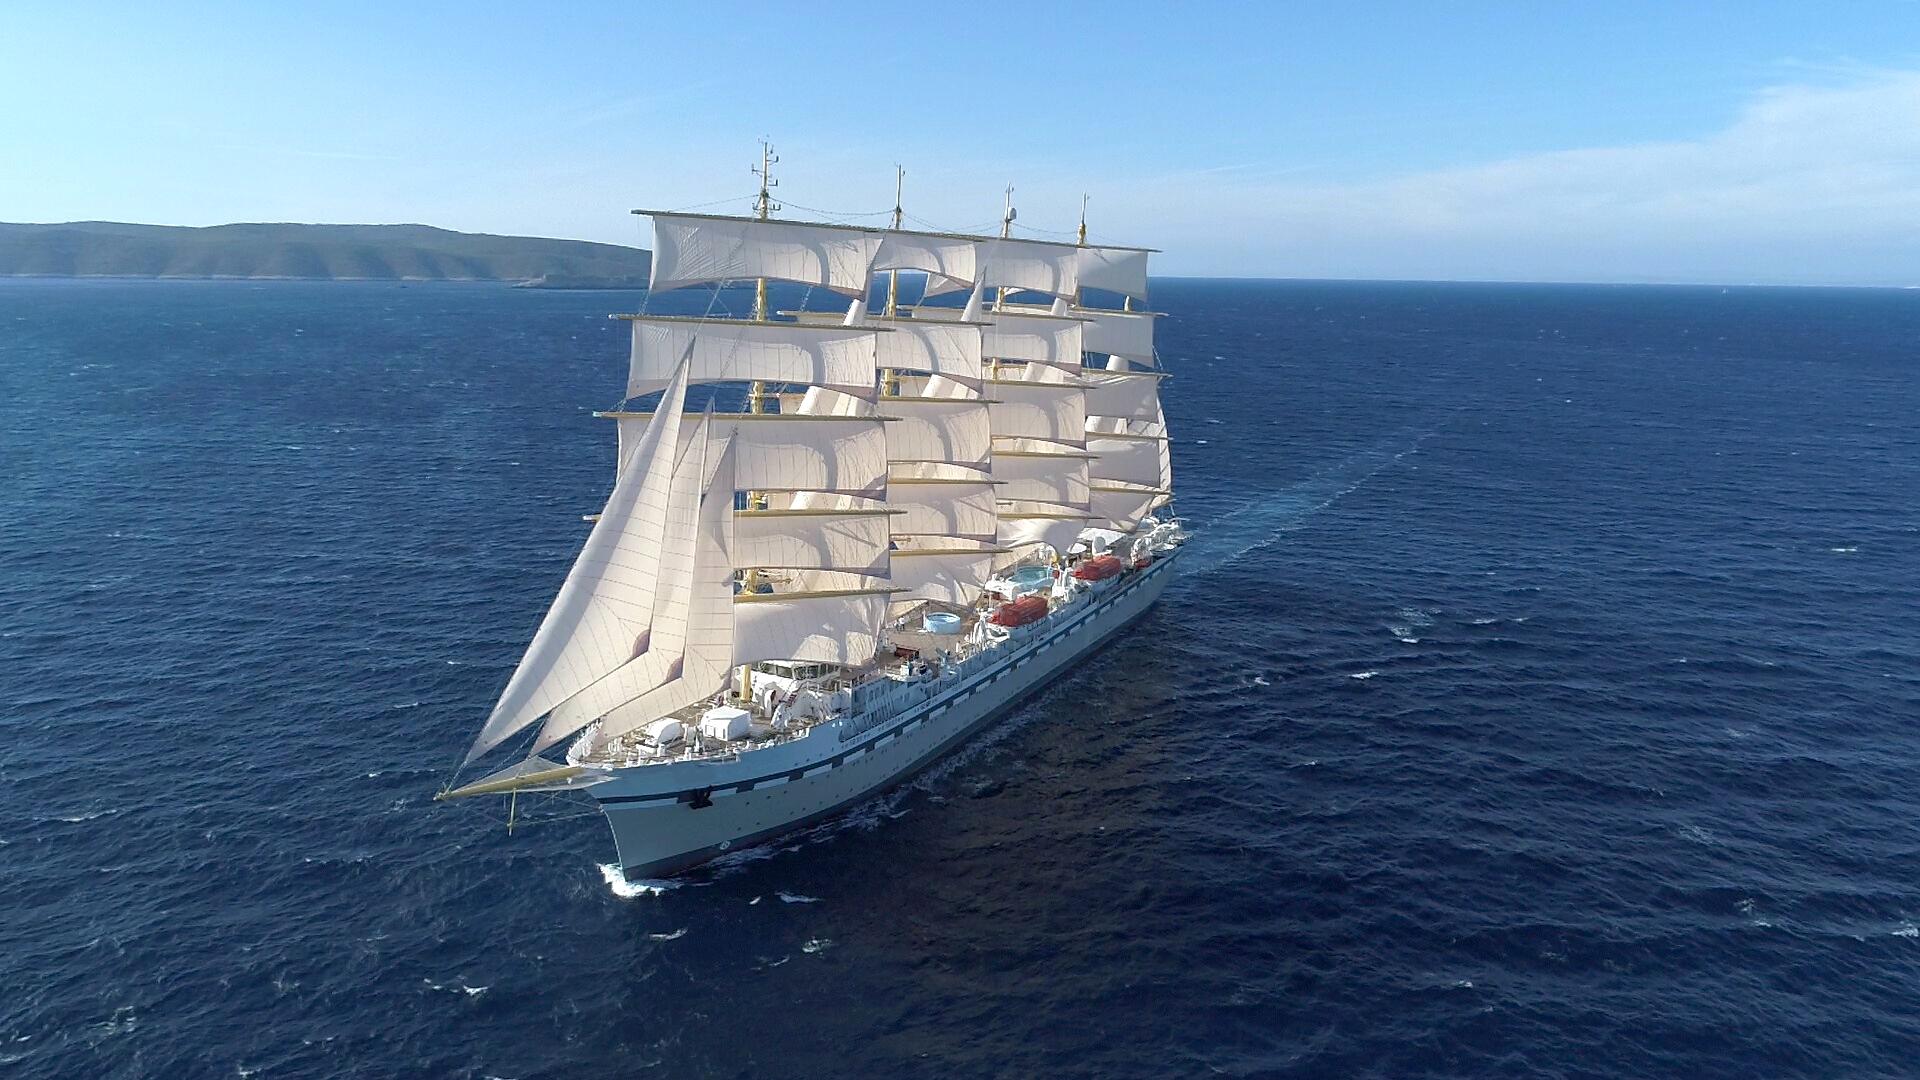 Verdens største sejlskib til krydstogter, Golden Horizon, vil sidst i august være fire dage i danske farvande. PR-foto.